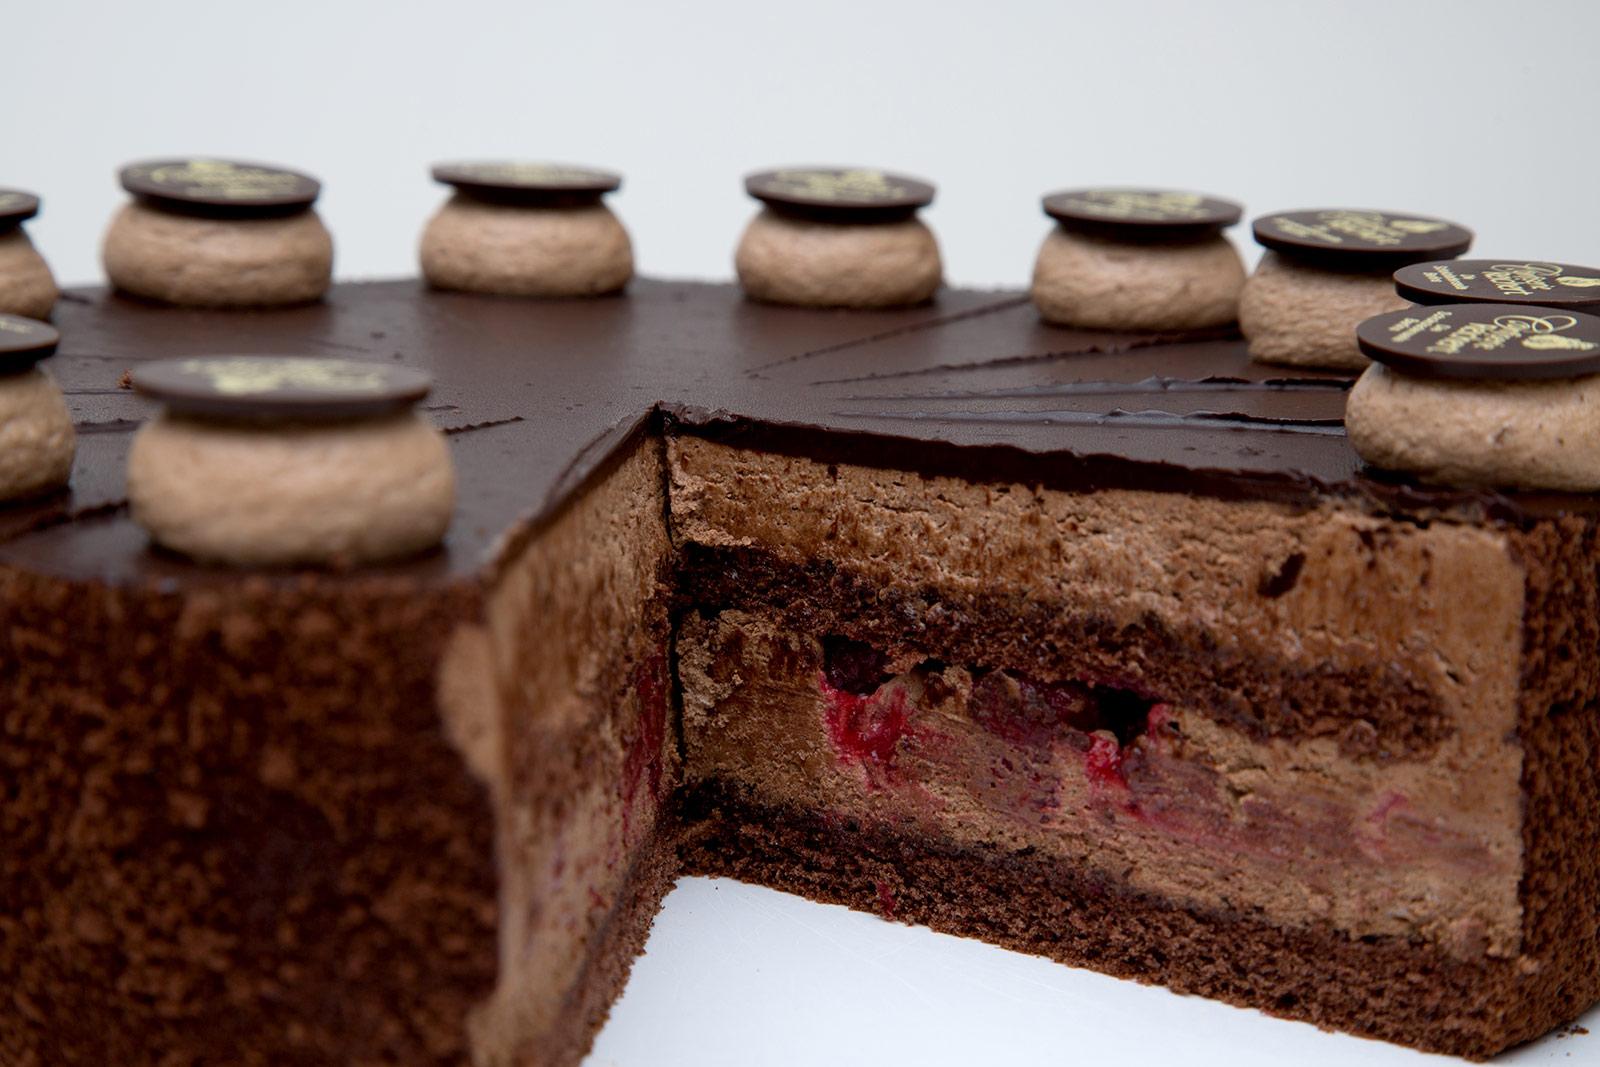 Mousse-au-Chocolat-Himbeere-Anschnitt